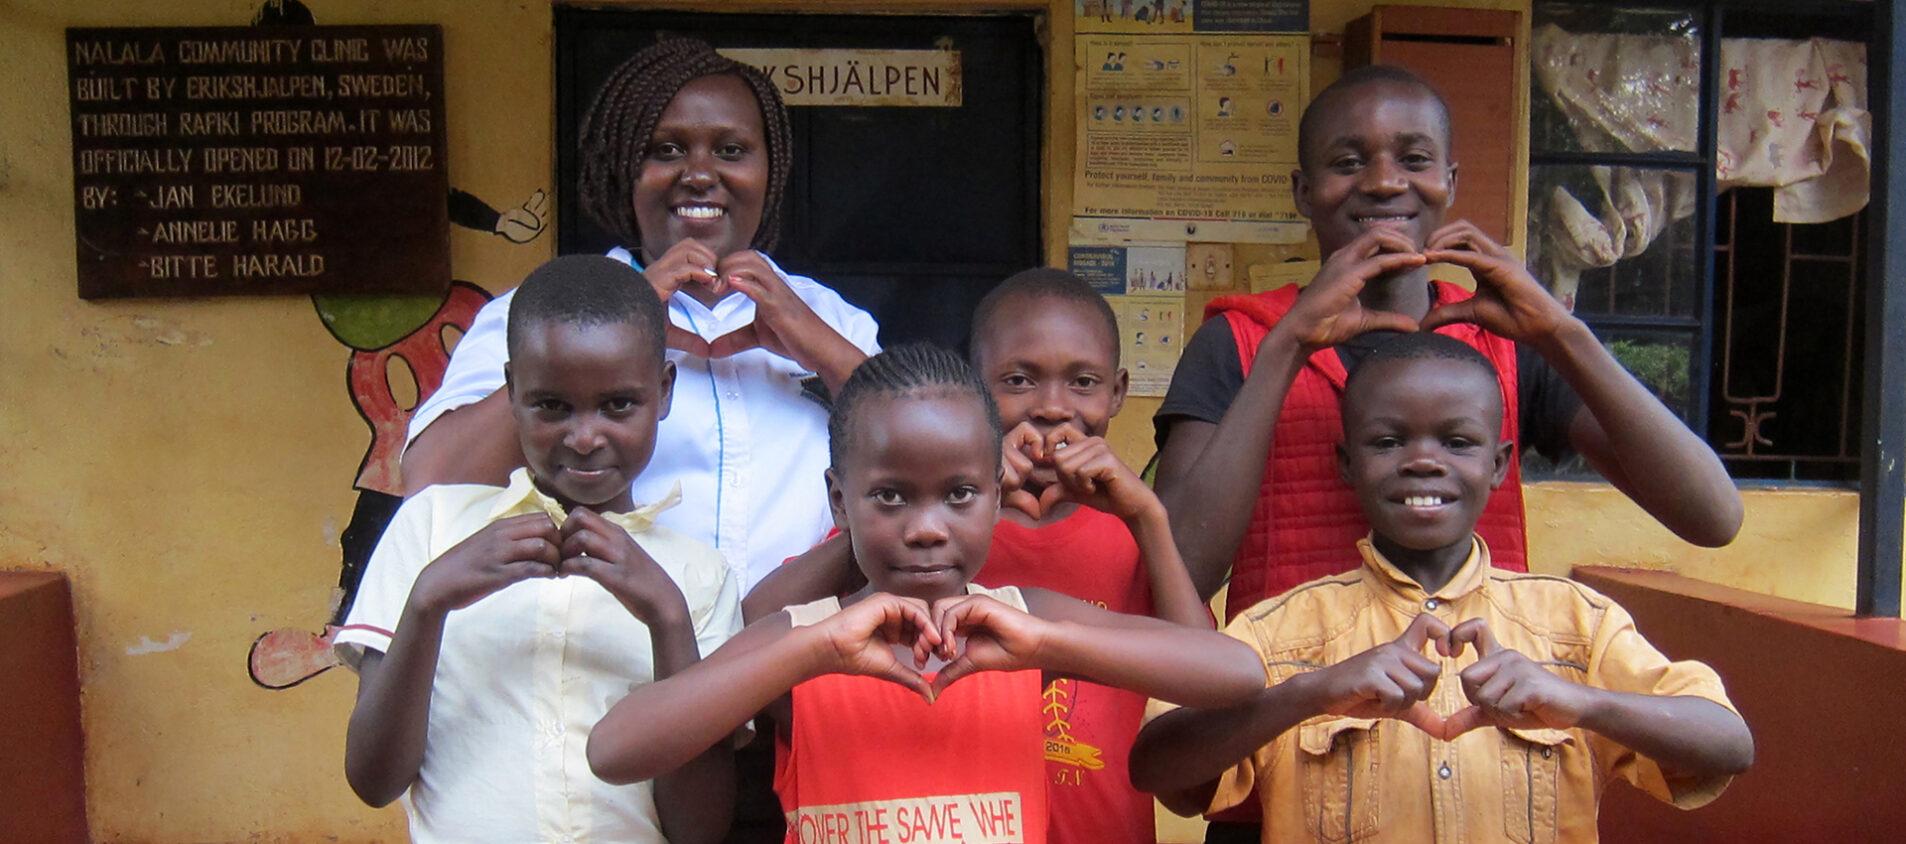 Elever på Nairrataatskolan tillsammans med Scolastica som samarbetar med Erikshjälen. Över raden från vänster: Scolastica, John och Derrick. Nedre raden från vänster: Tabitha, Tracy och Cyprian.